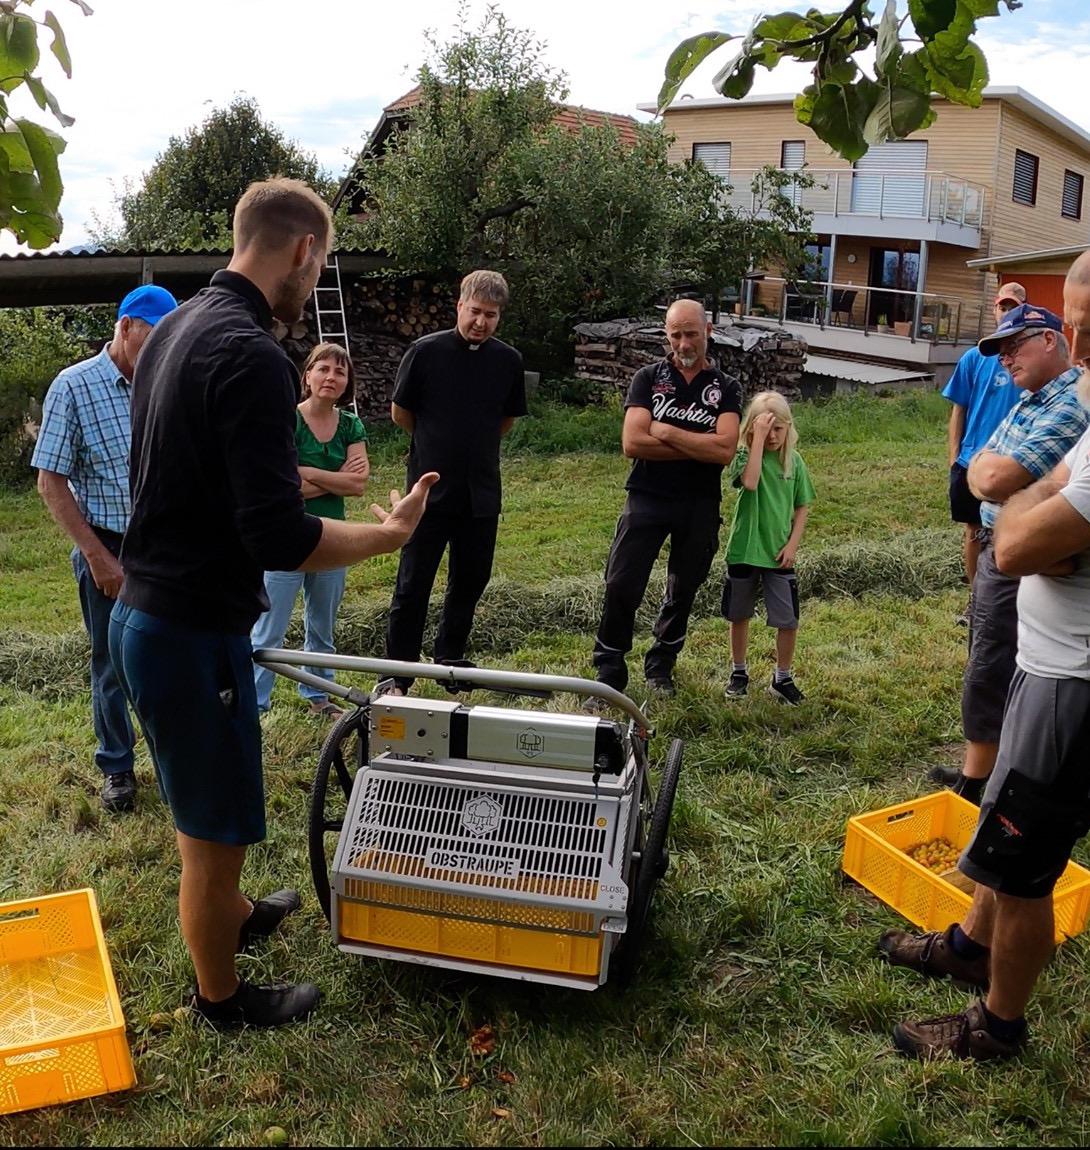 Vorstellung Obstsammelgerät von Organic Tools